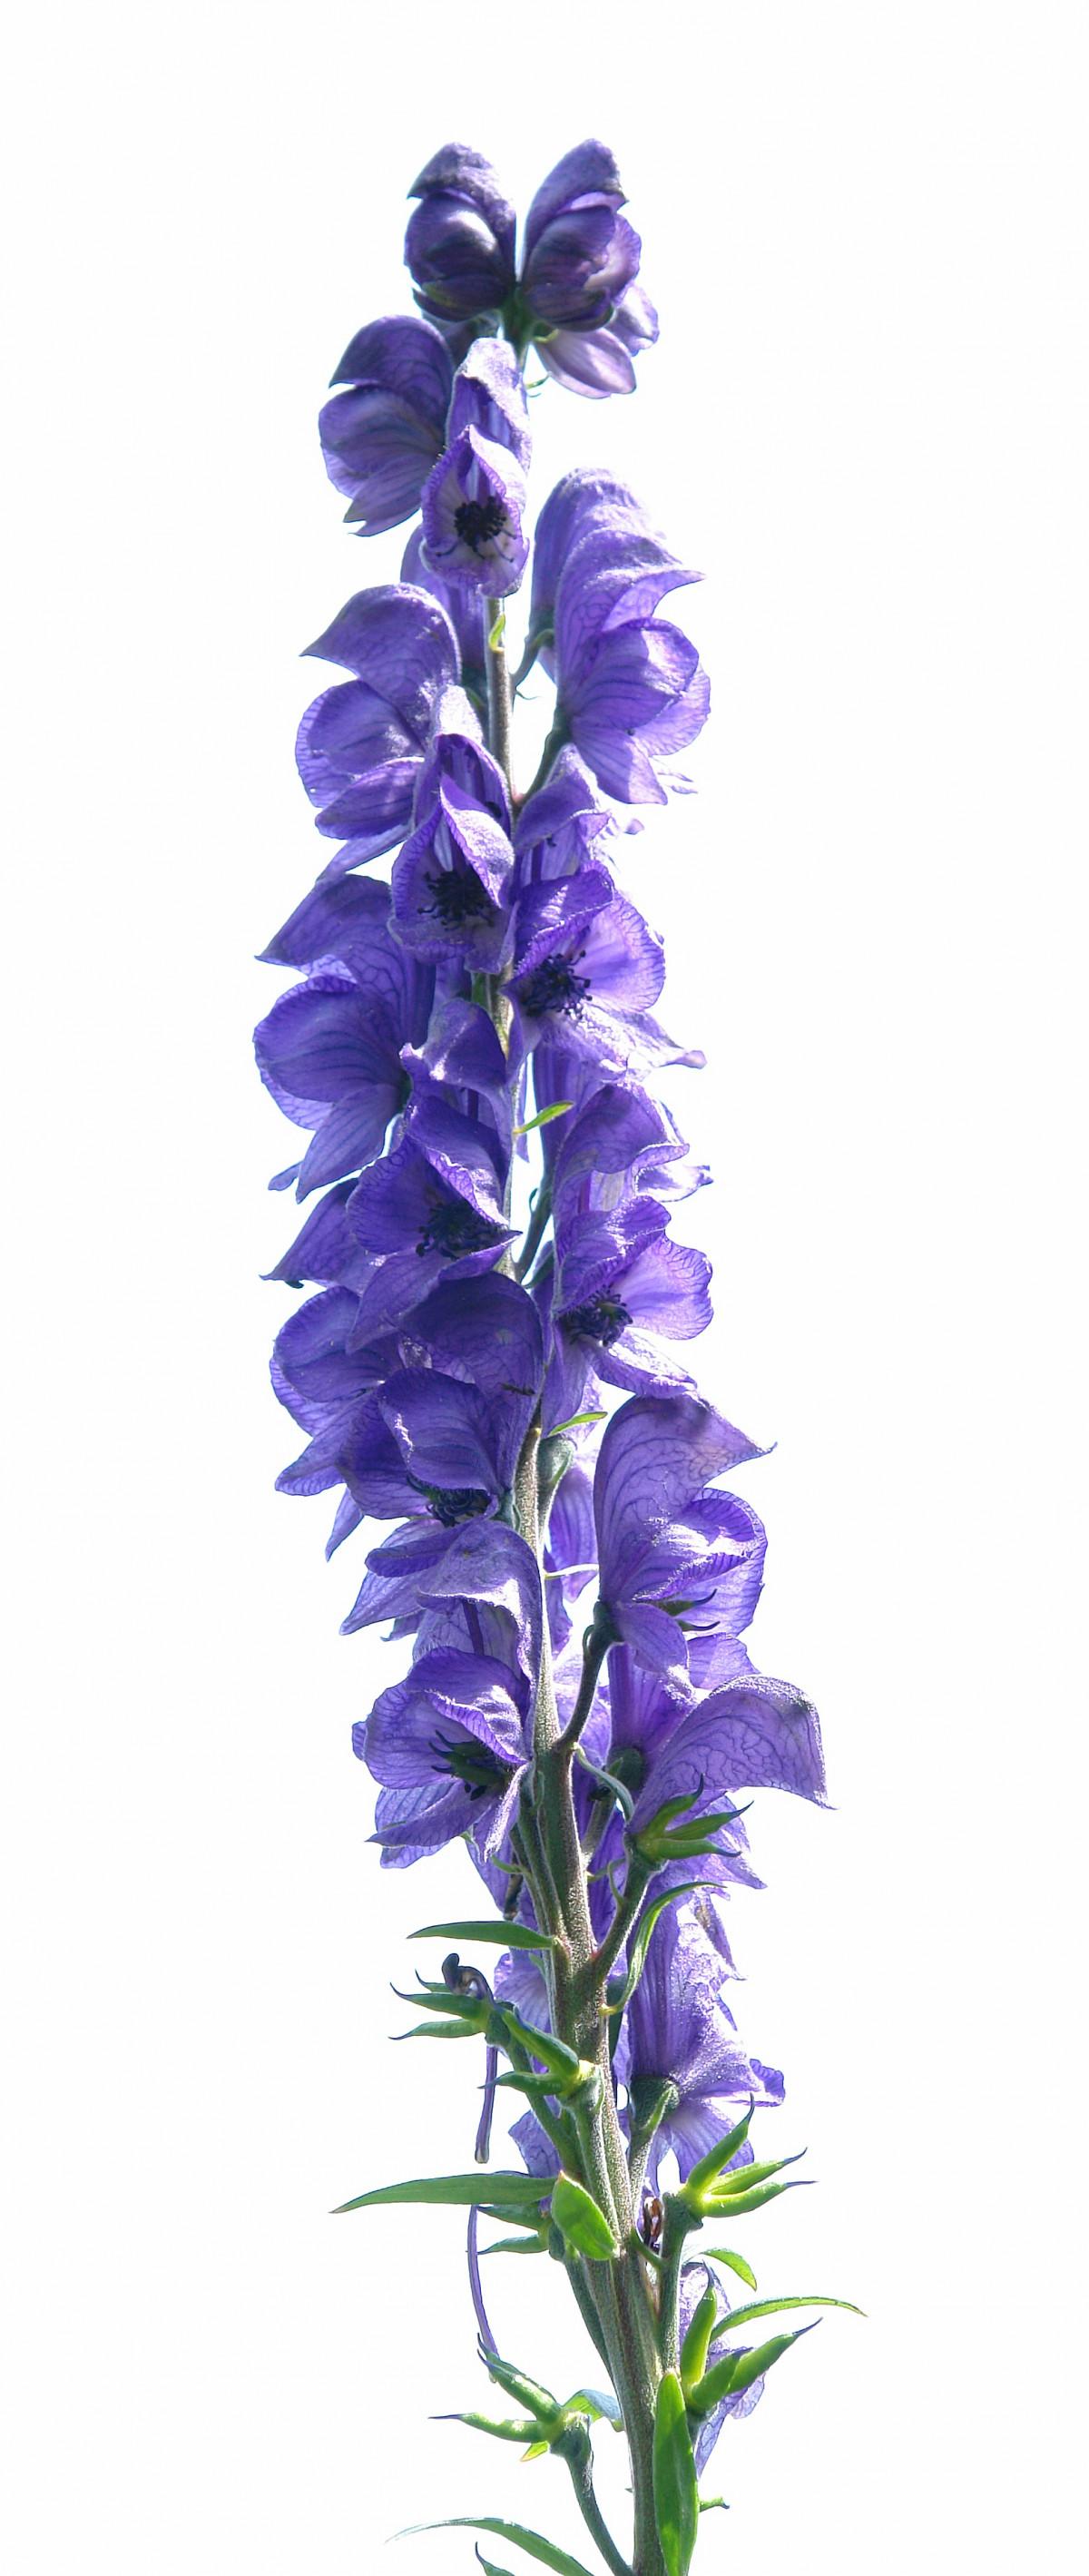 Fotos gratis flor p rpura p talo jard n lavanda - Cortar hierba alta ...